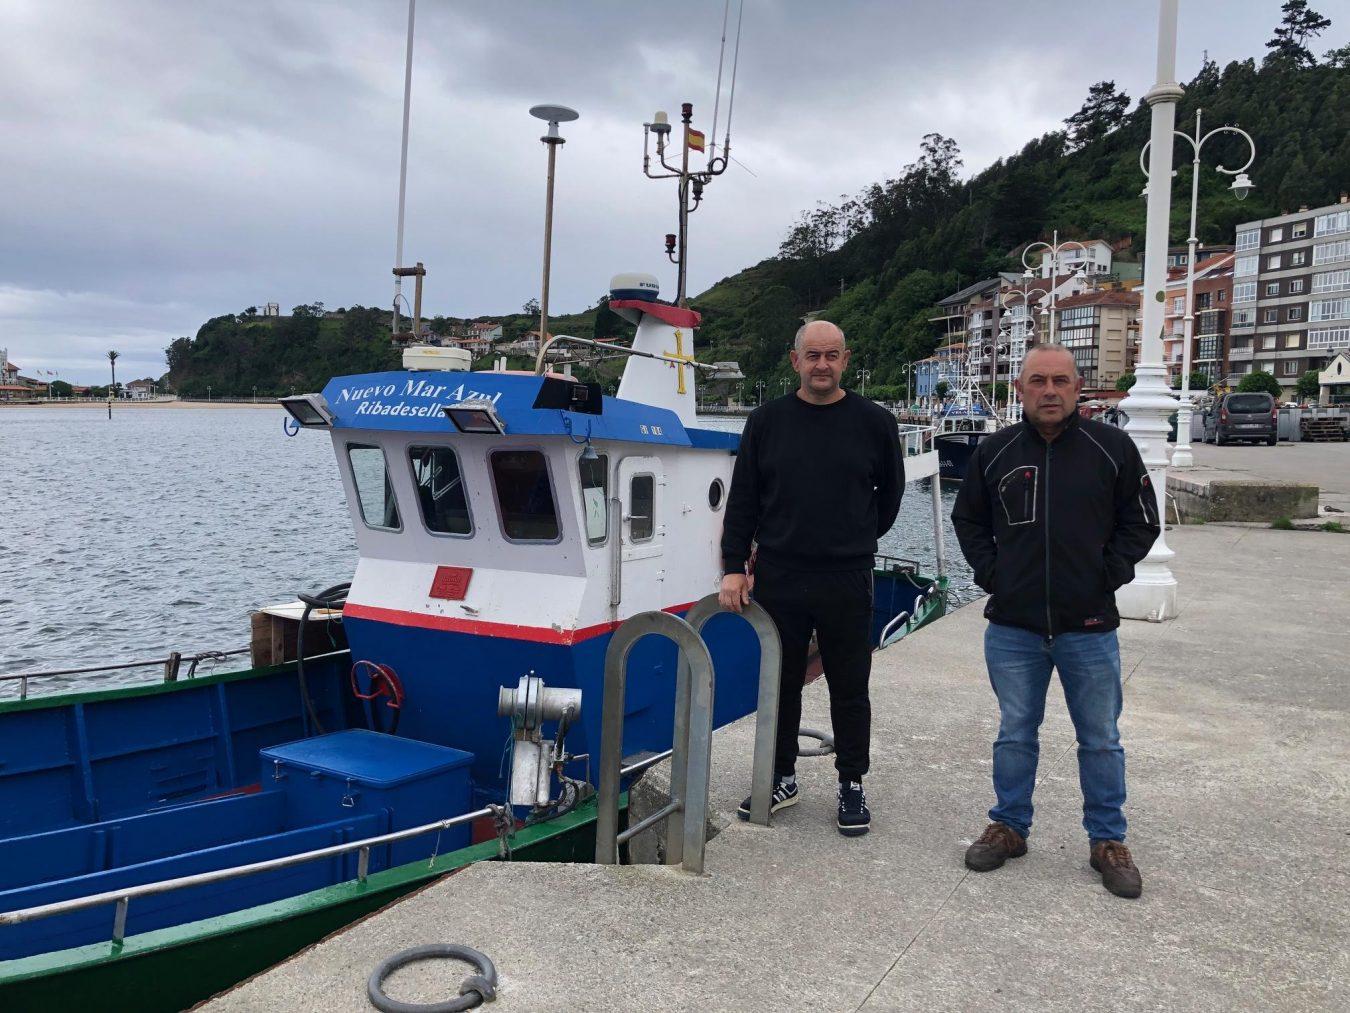 La Cofradía de Pescadores de Ribadesella denuncia ante la Guardia Civil las gamberradas del último fin de semana